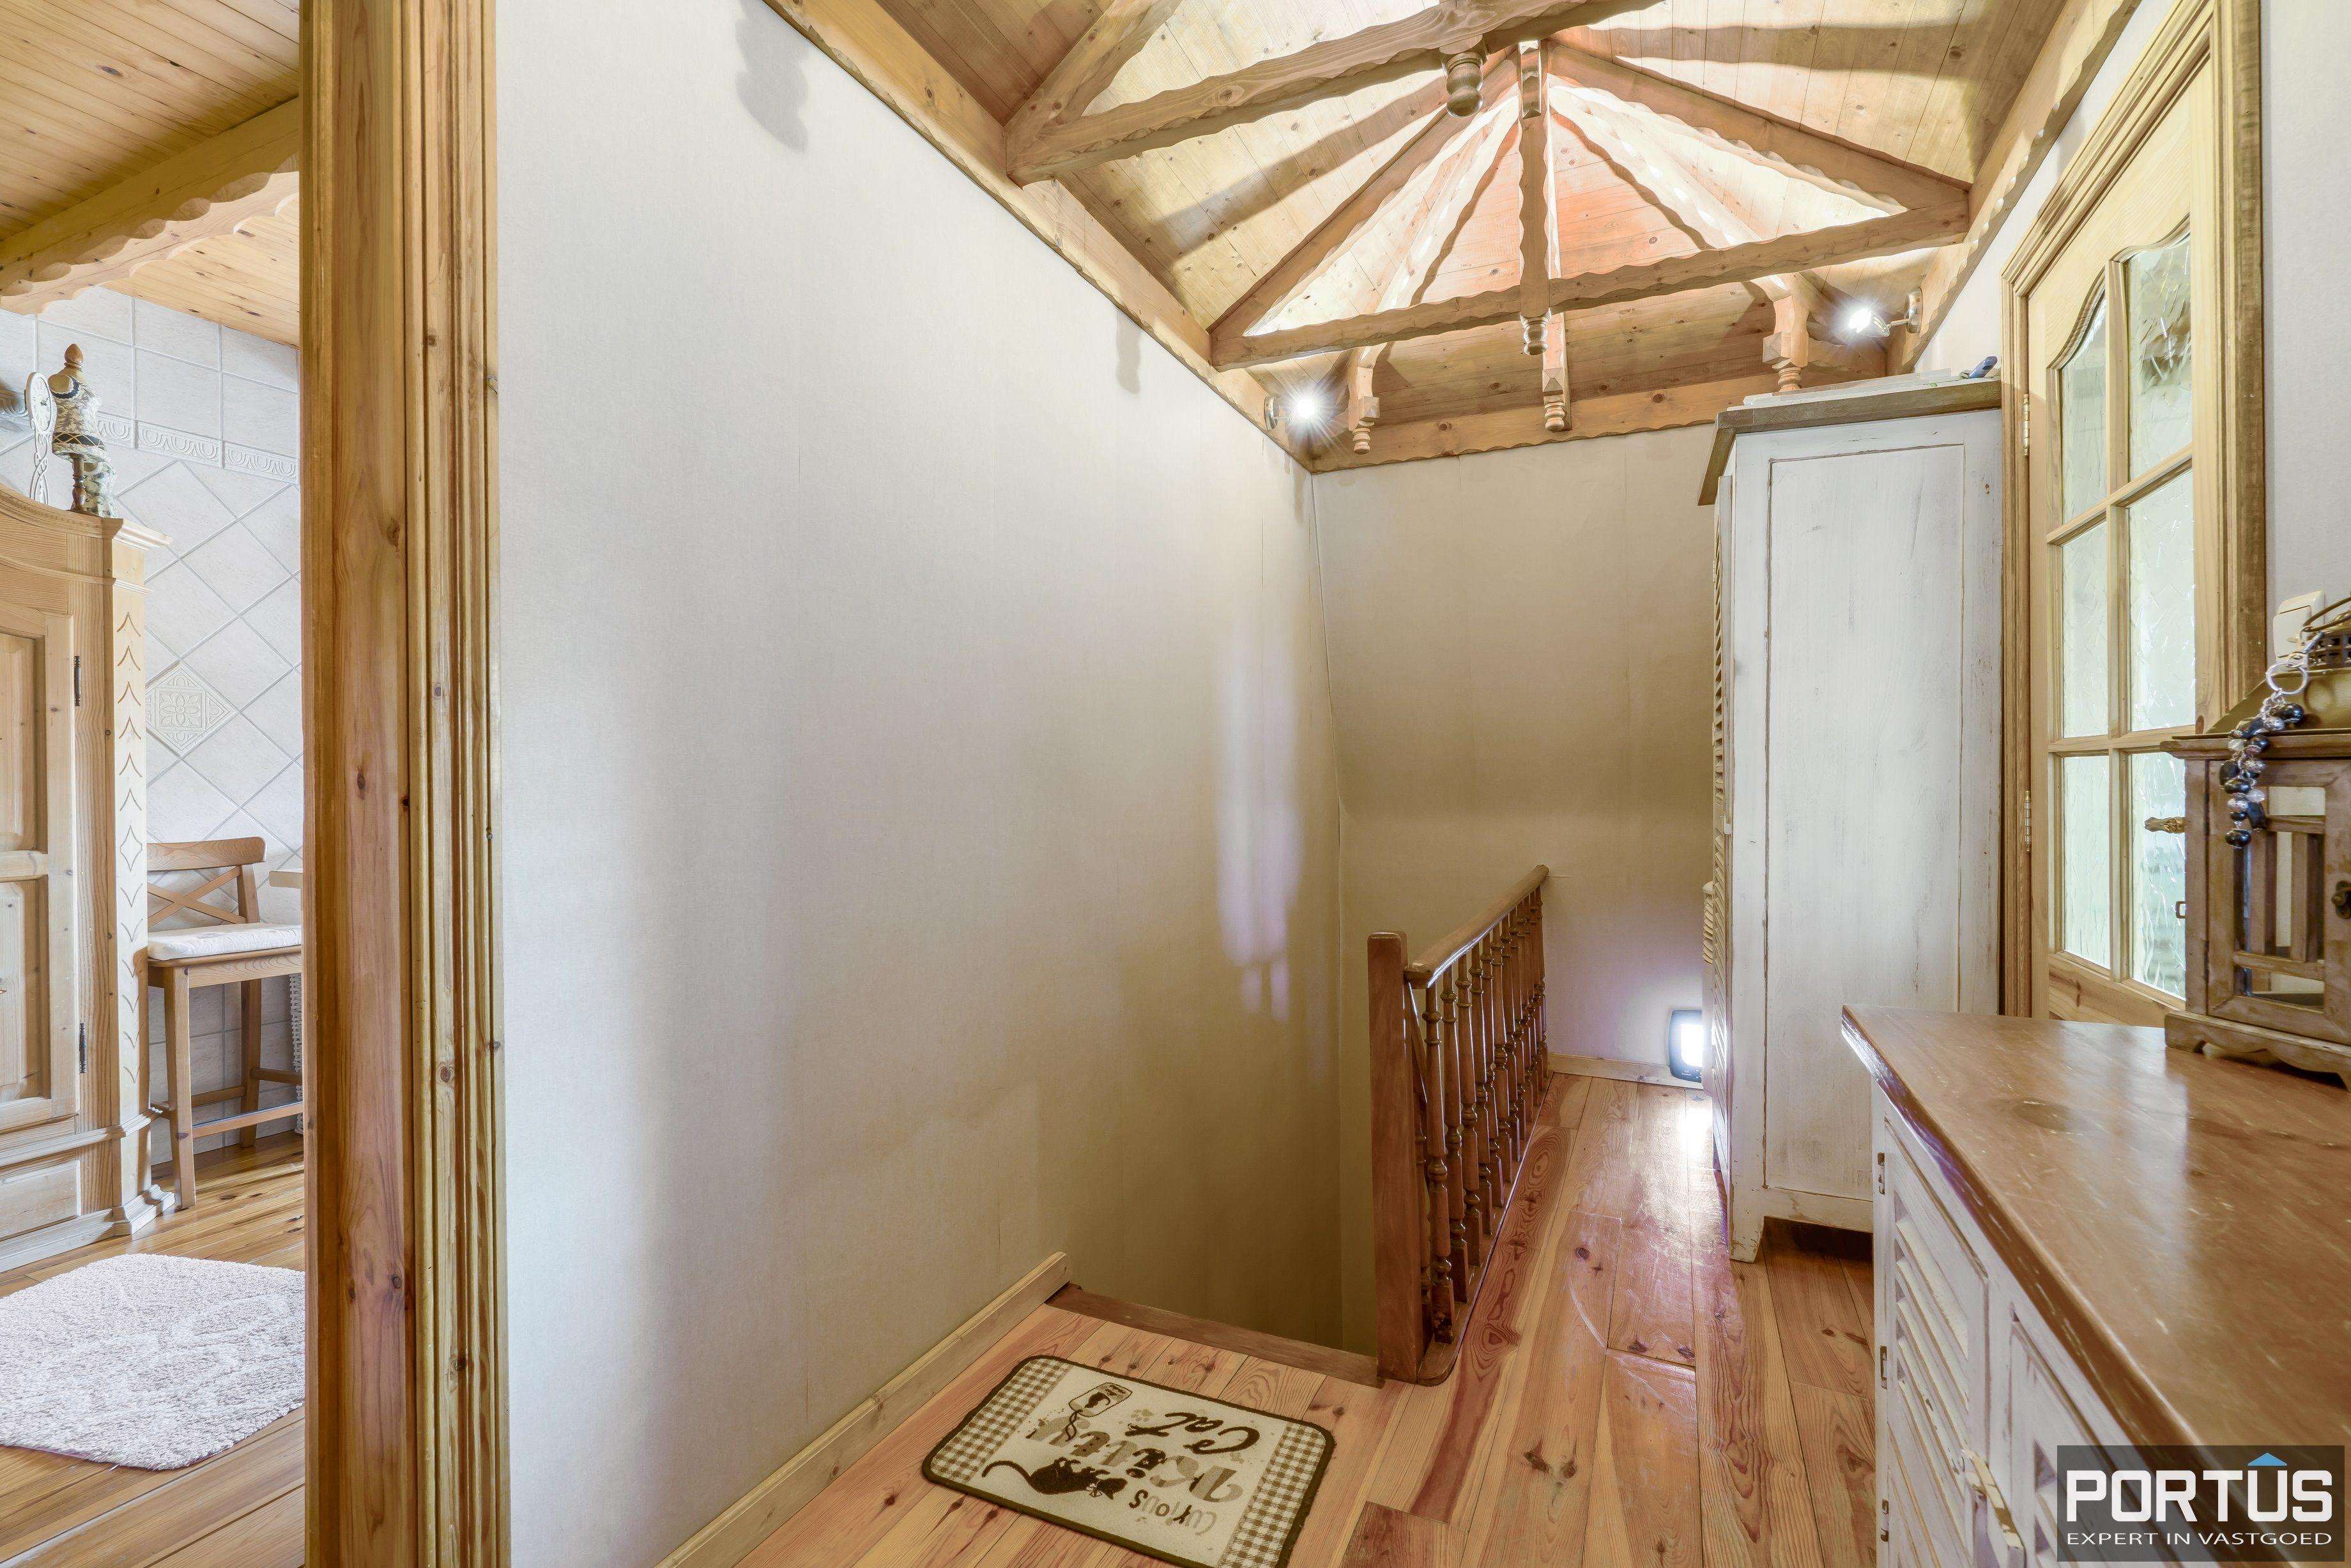 Woning met 2 slaapkamers te koop te Westende - 13423